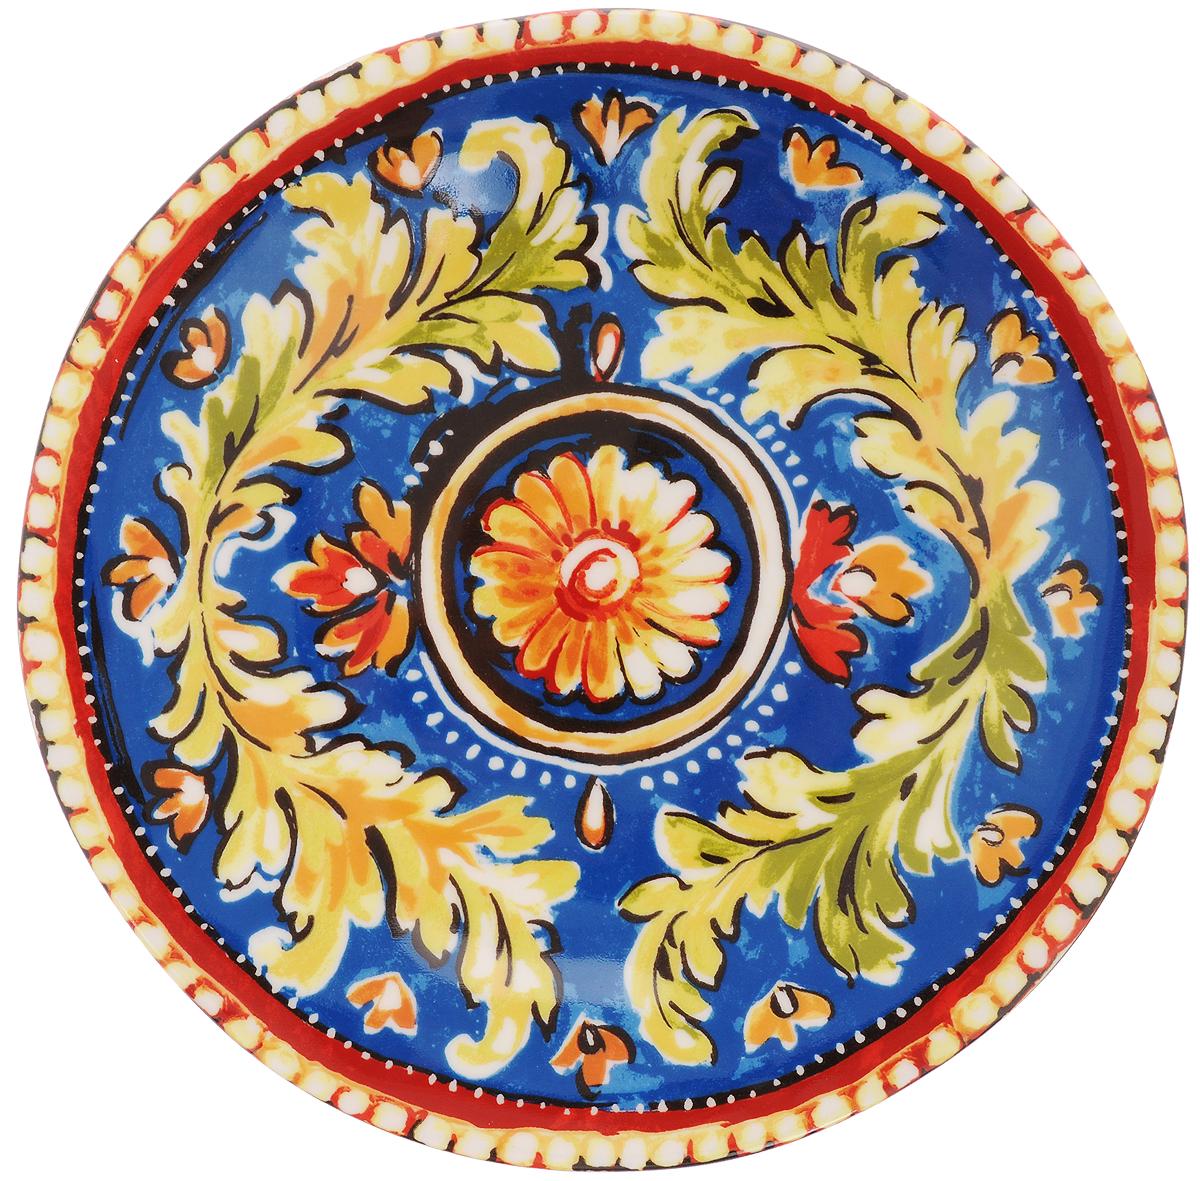 """Десертная тарелка Utana """"Оберон"""" изготовлена из высококачественной керамики. Многоступенчатый высокотемпературный обжиг, двухстороннее глазурование и использование подглазурных деколей обеспечивает прочность черепка керамической посуды, превращая его практически в камень, при этом защищая поверхность от царапин, а рисунок от истирания. Теплые краски глазури, плавные линии росписи, удобство, долговечность и безопасность, европейское качество и многовековая самобытность национального и культурного наследия индонезийских мастеров - вот то, что является отличительными признаками керамической посуды Utana. Любая коллекция этого производителя создает праздничное настроение и уют в каждом доме. Посуда из керамики, имеющая знак 222 FIFHT, - особая линия посуды, очень популярная в Европе и США, каждый дизайн которой уникален и спустя годы будет так же великолепно свеж и привлекателен. Посуду можно использовать в СВЧ и мыть в посудомоечных машинах."""